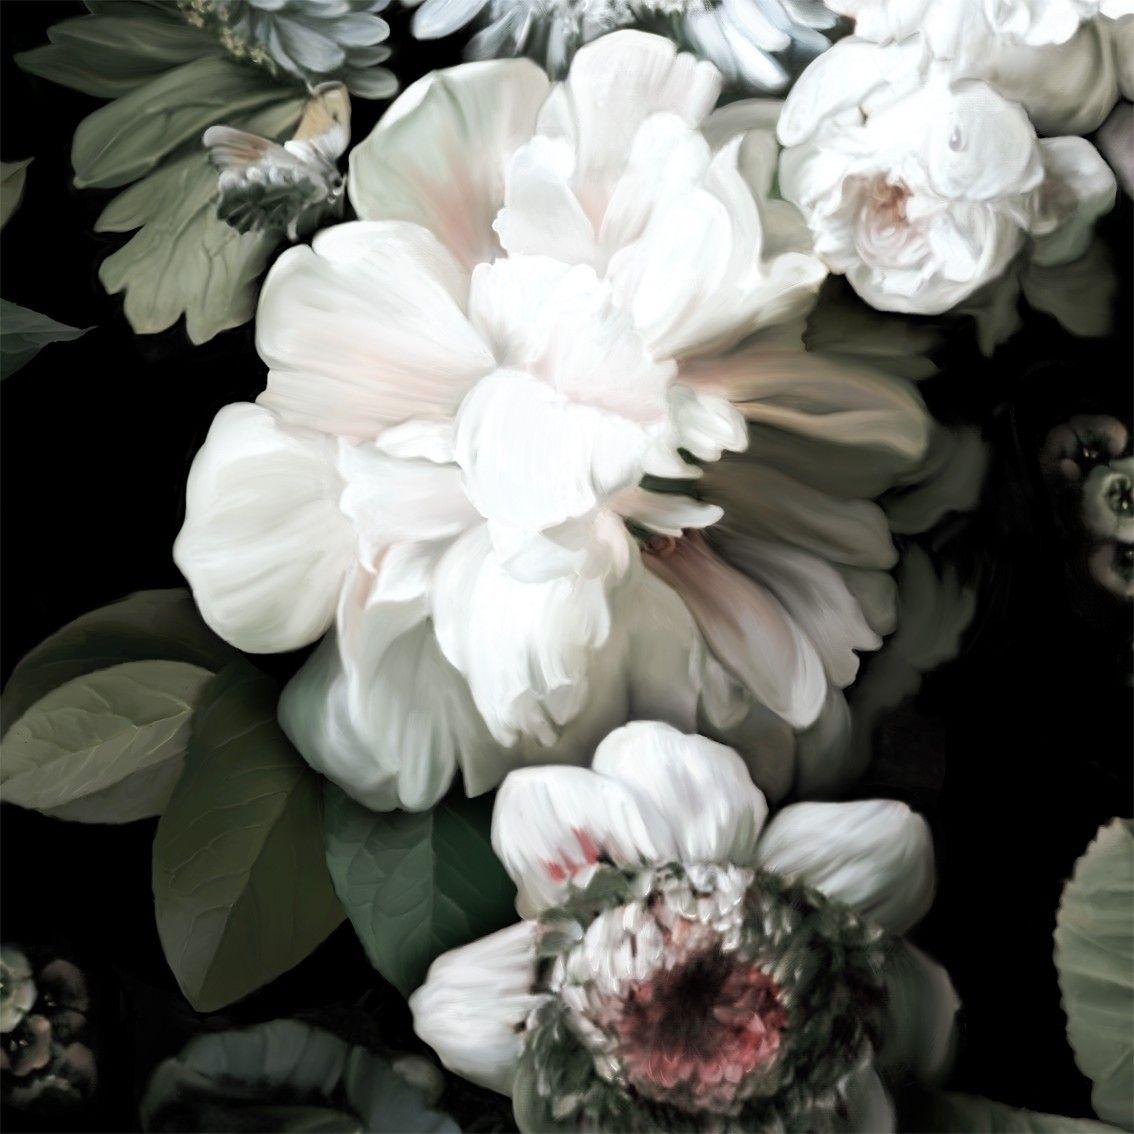 Dark Floral Wallpaper Vintage Floral Wallpapers Ellie Cashman